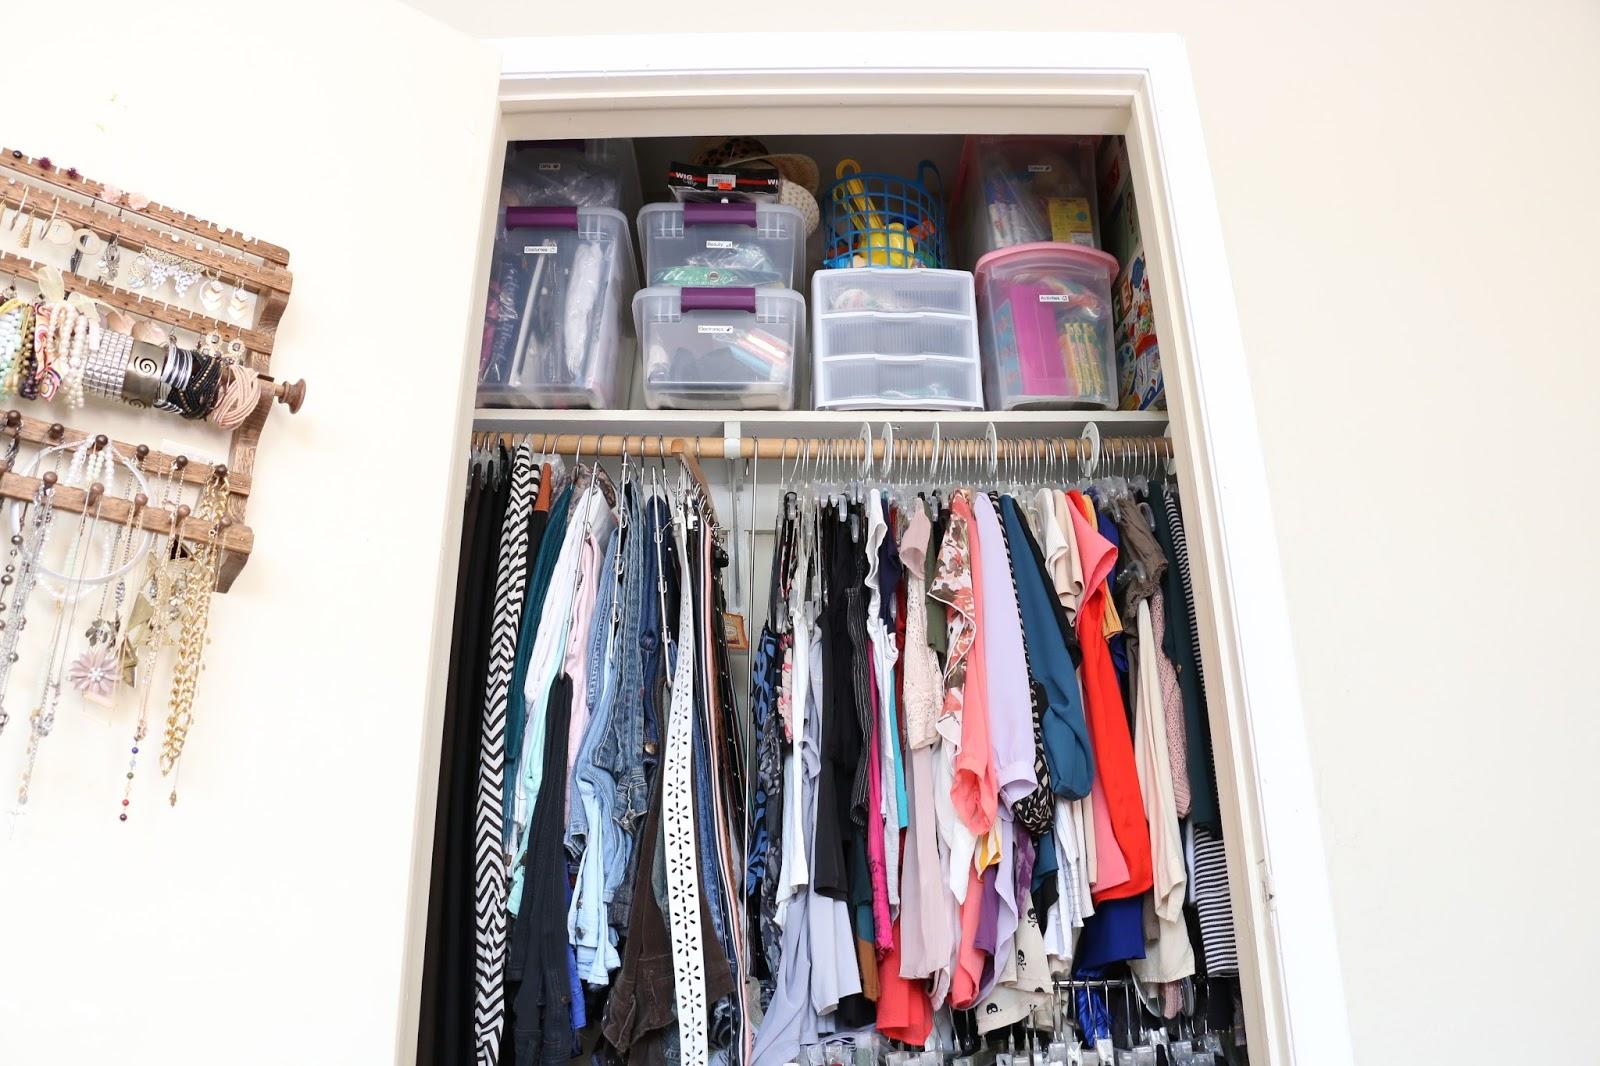 rumah m gris closet organizacion s organizador chompas zapatos de casa aldo cocina